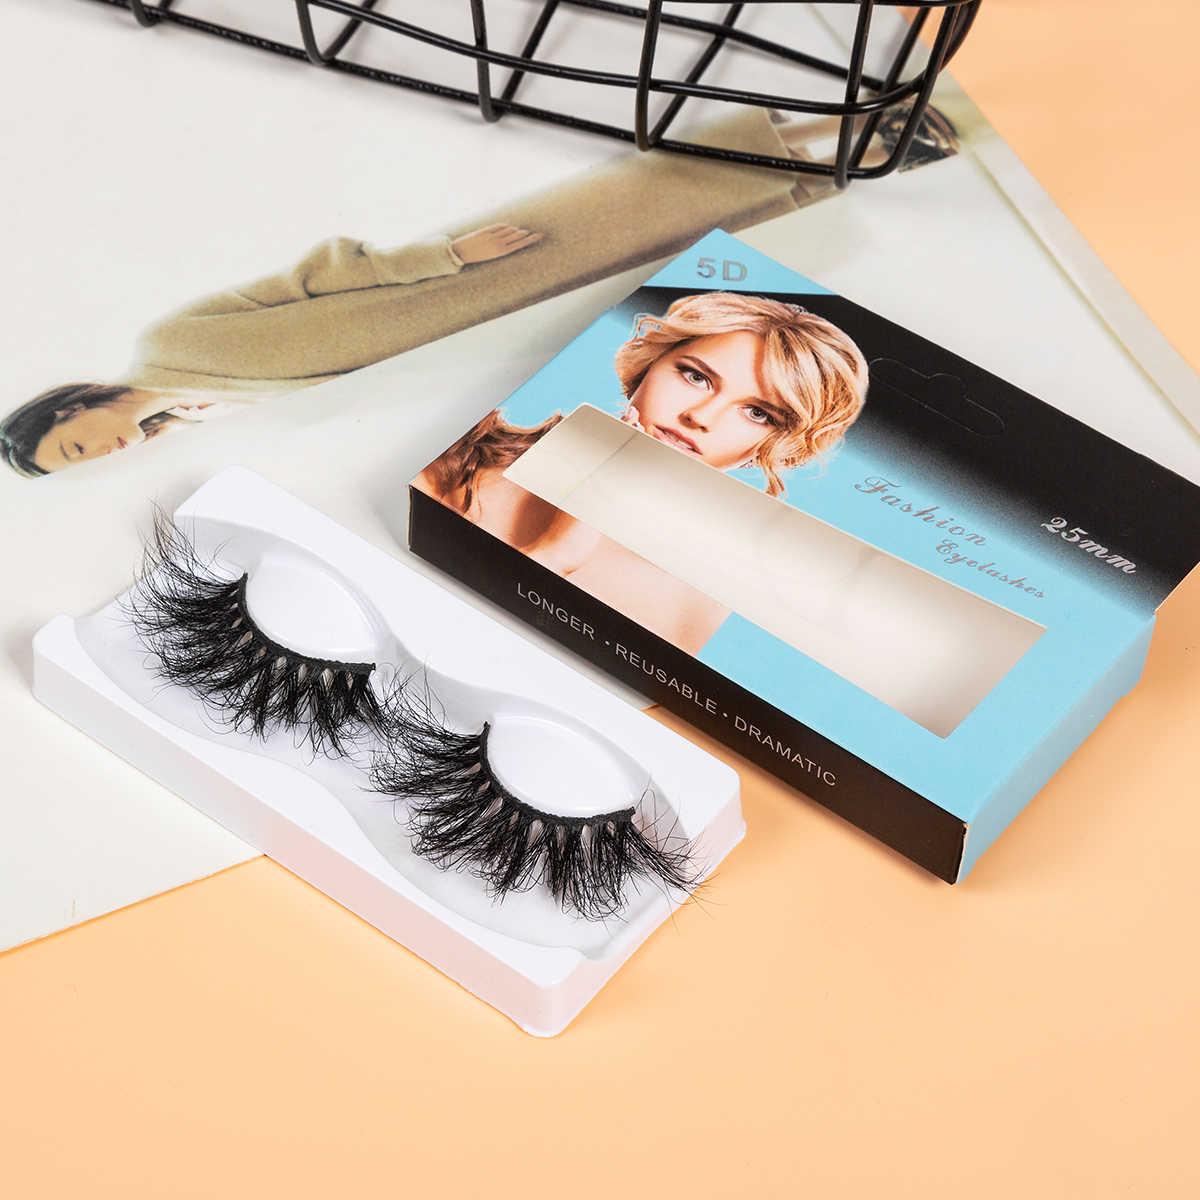 SEXYSHEEP 25 мм 5D норковые ресницы 100% безжалостные ресницы ручной работы многоразовые натуральные ресницы Популярные Накладные ресницы для макияжа